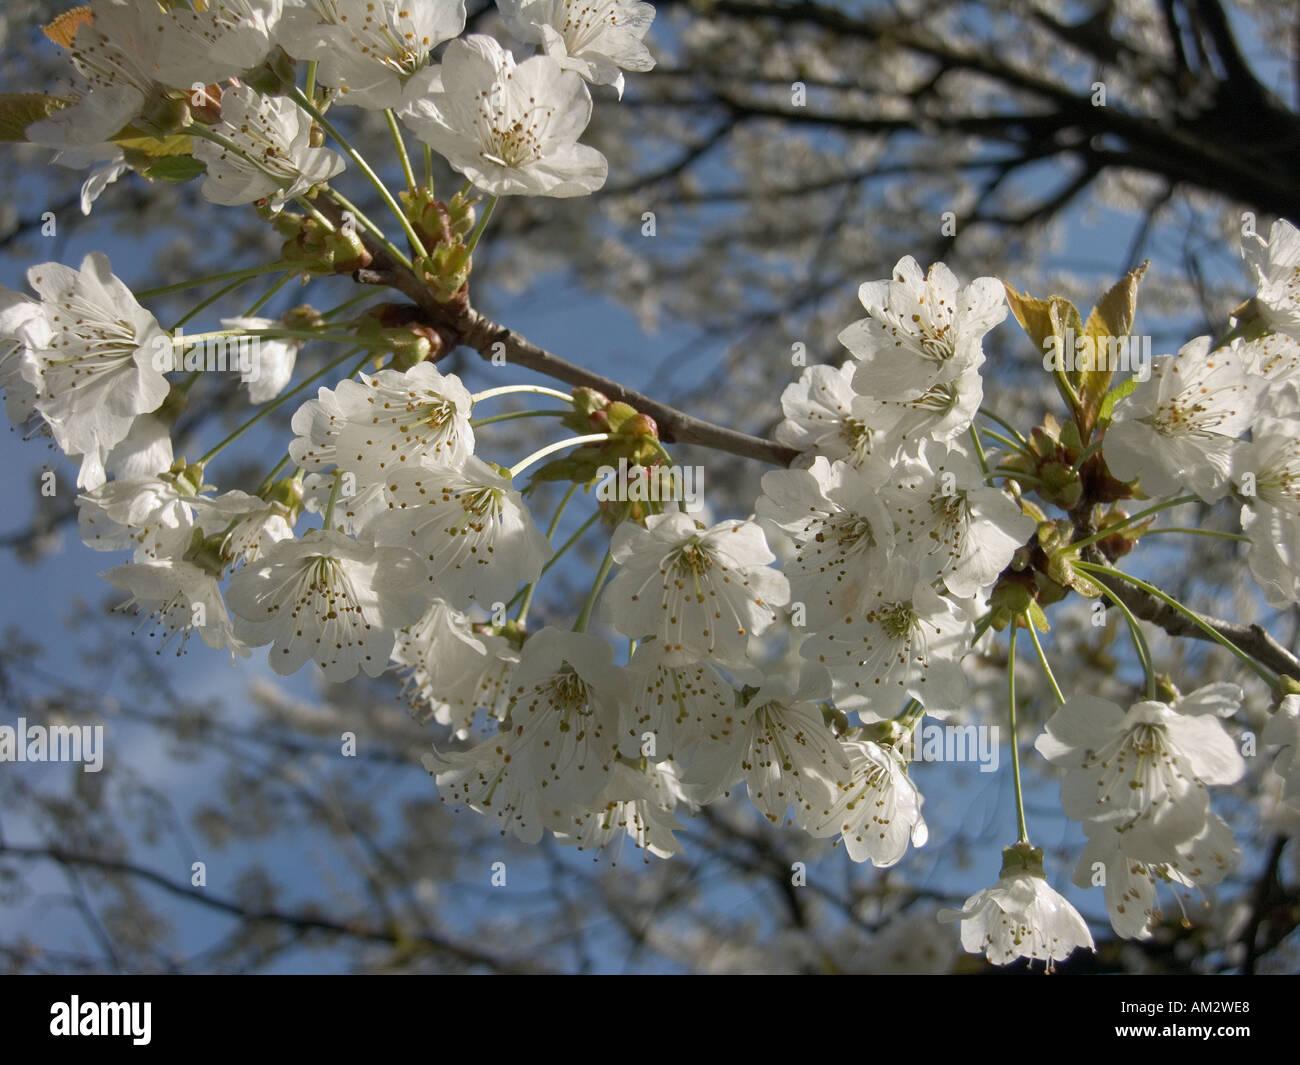 Fiori Bianchi Frutto.Toscana Settentrionale Italia Primavera Fiori Bianchi In Albero Da